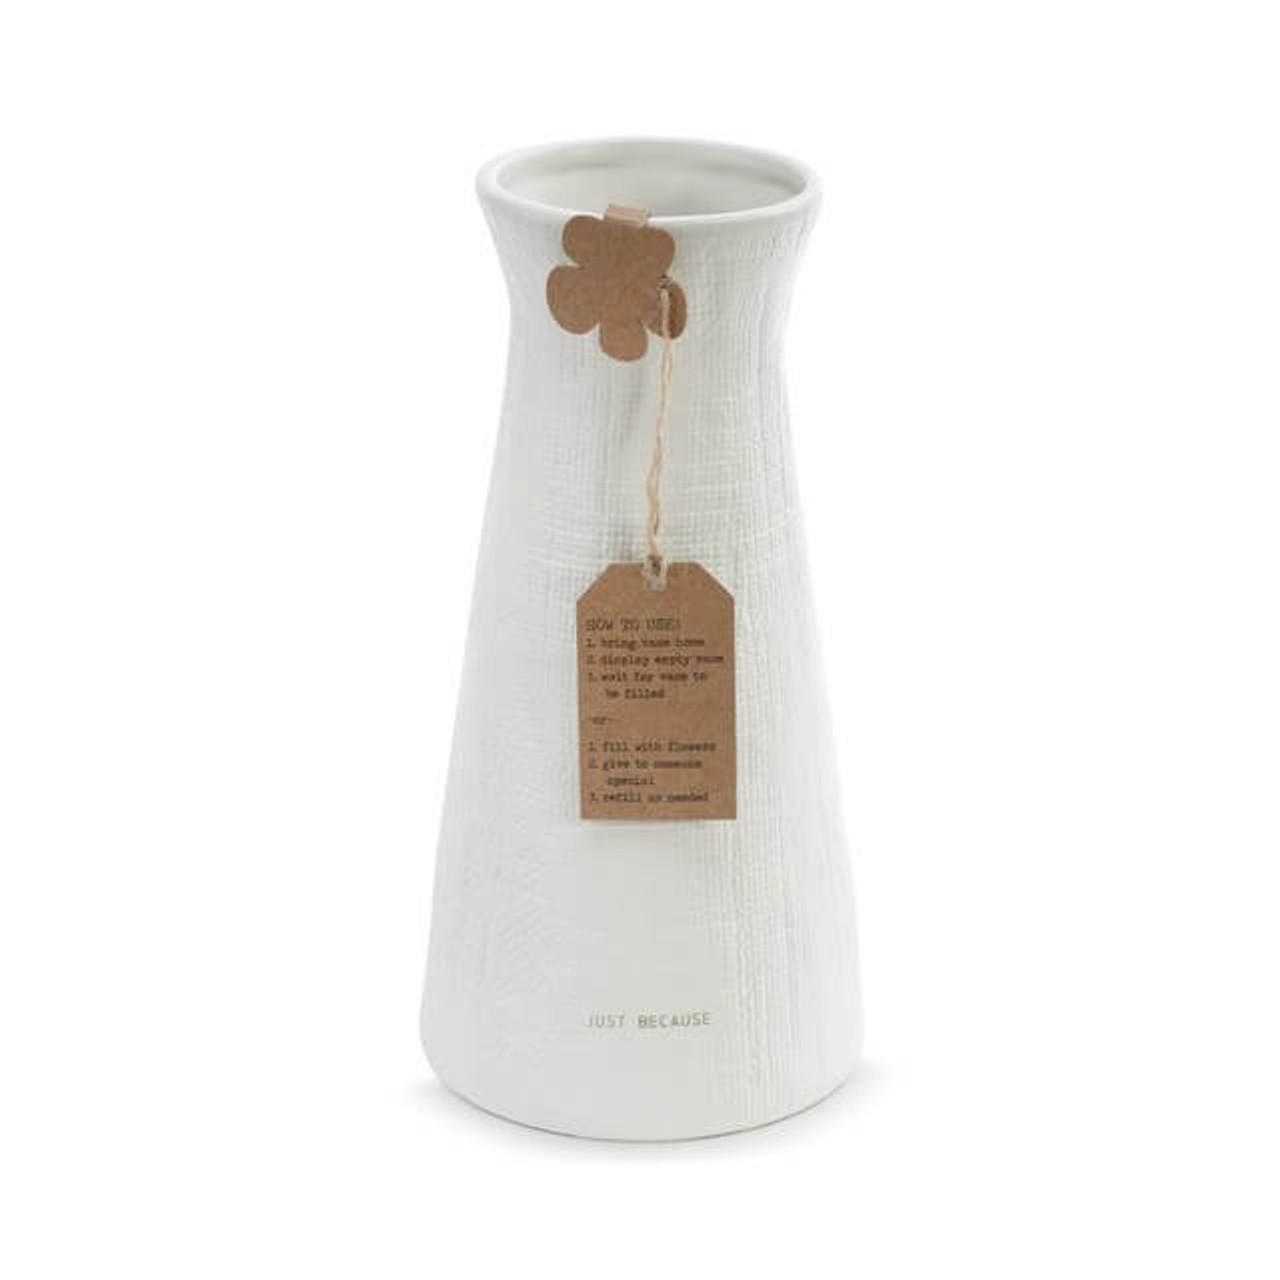 Linen Texture Just Because Vase Demdaco